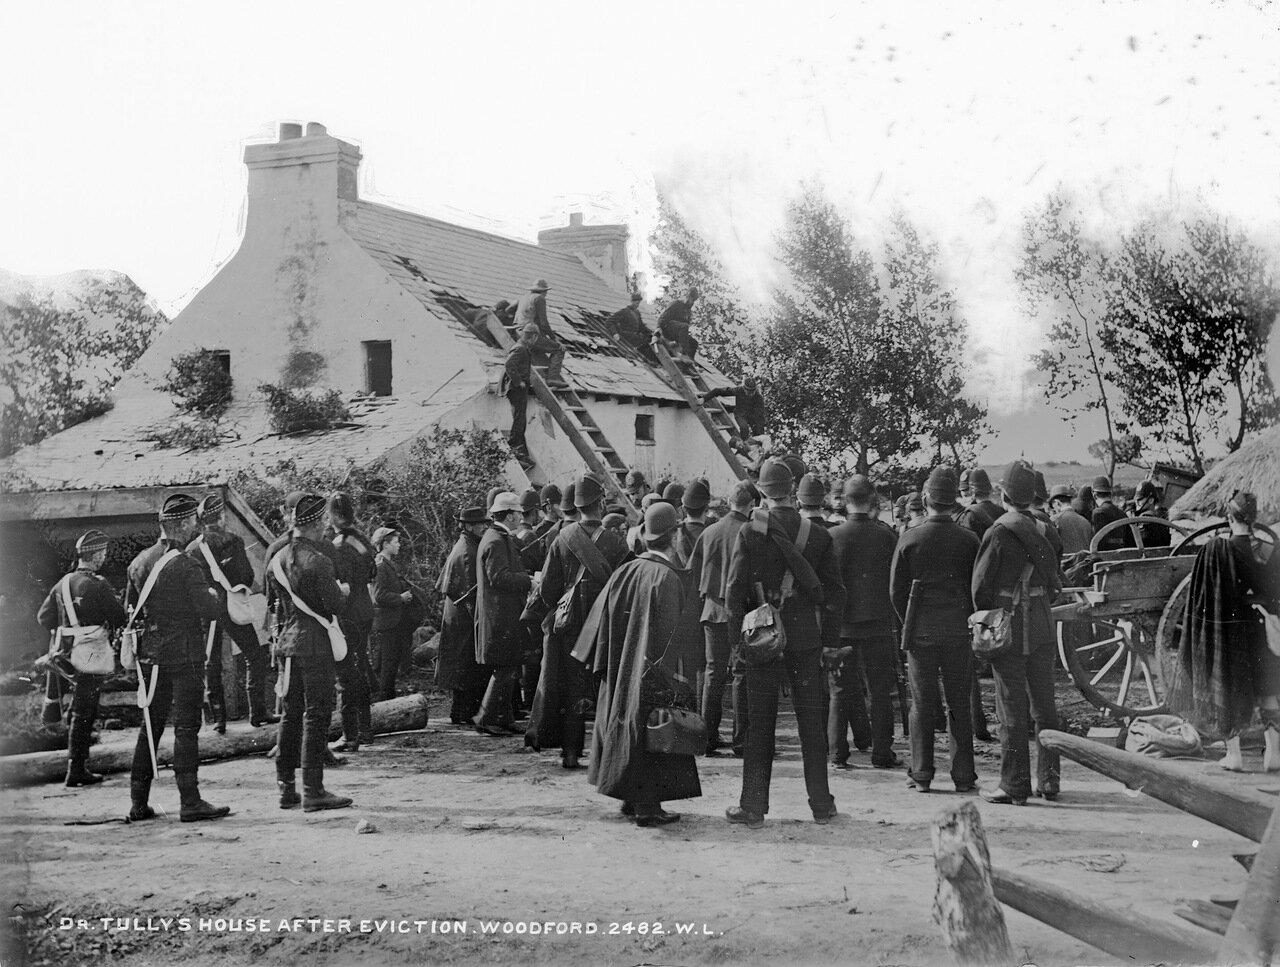 Дом доктора Талли после выселения жильцов 1888.